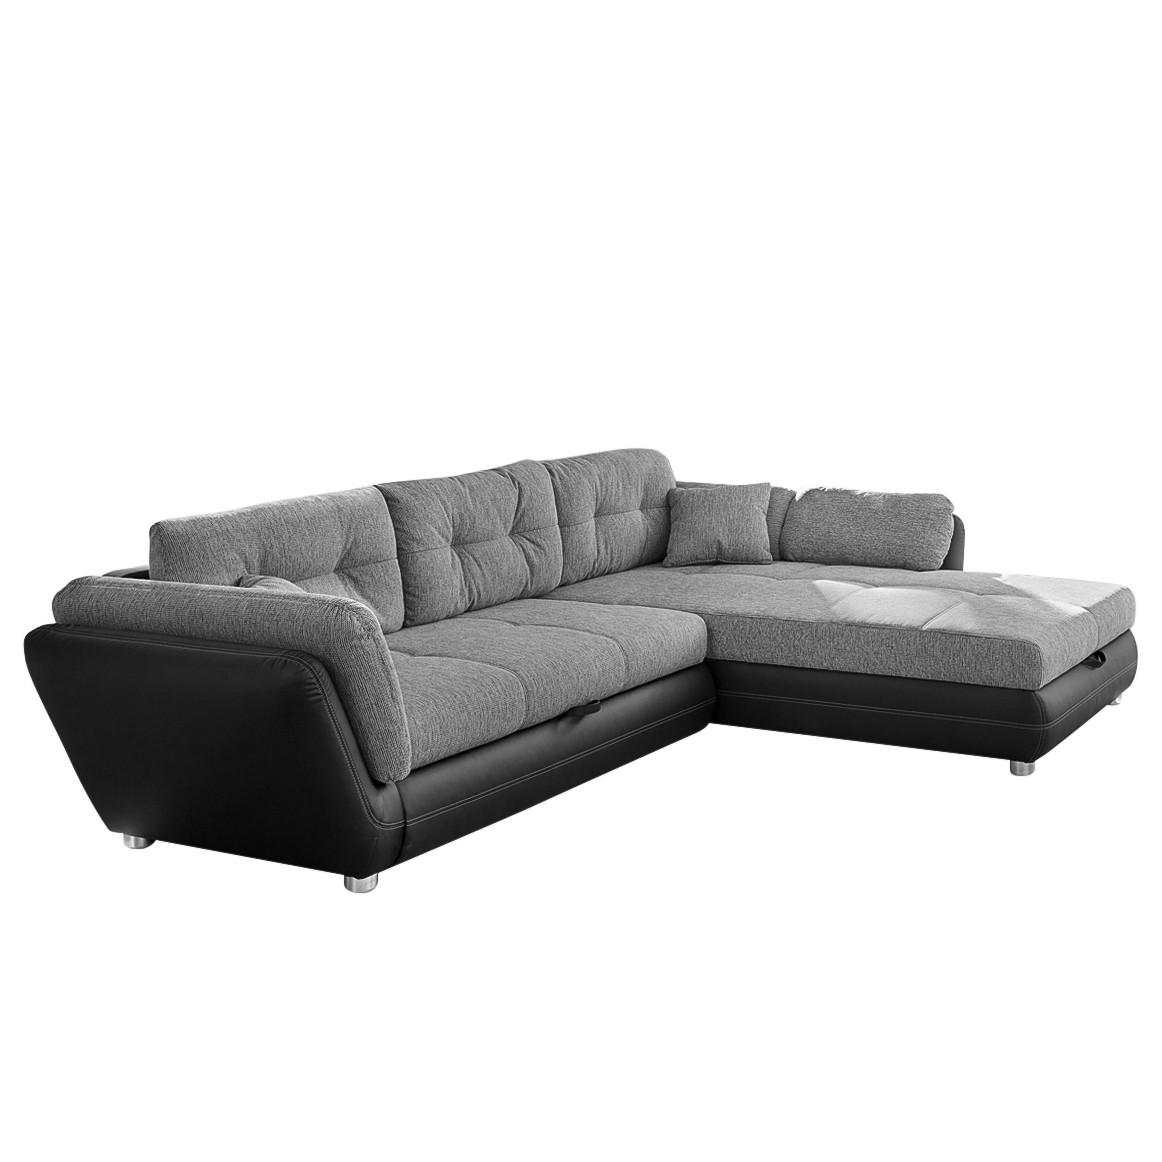 Canapé d'angle Pitt